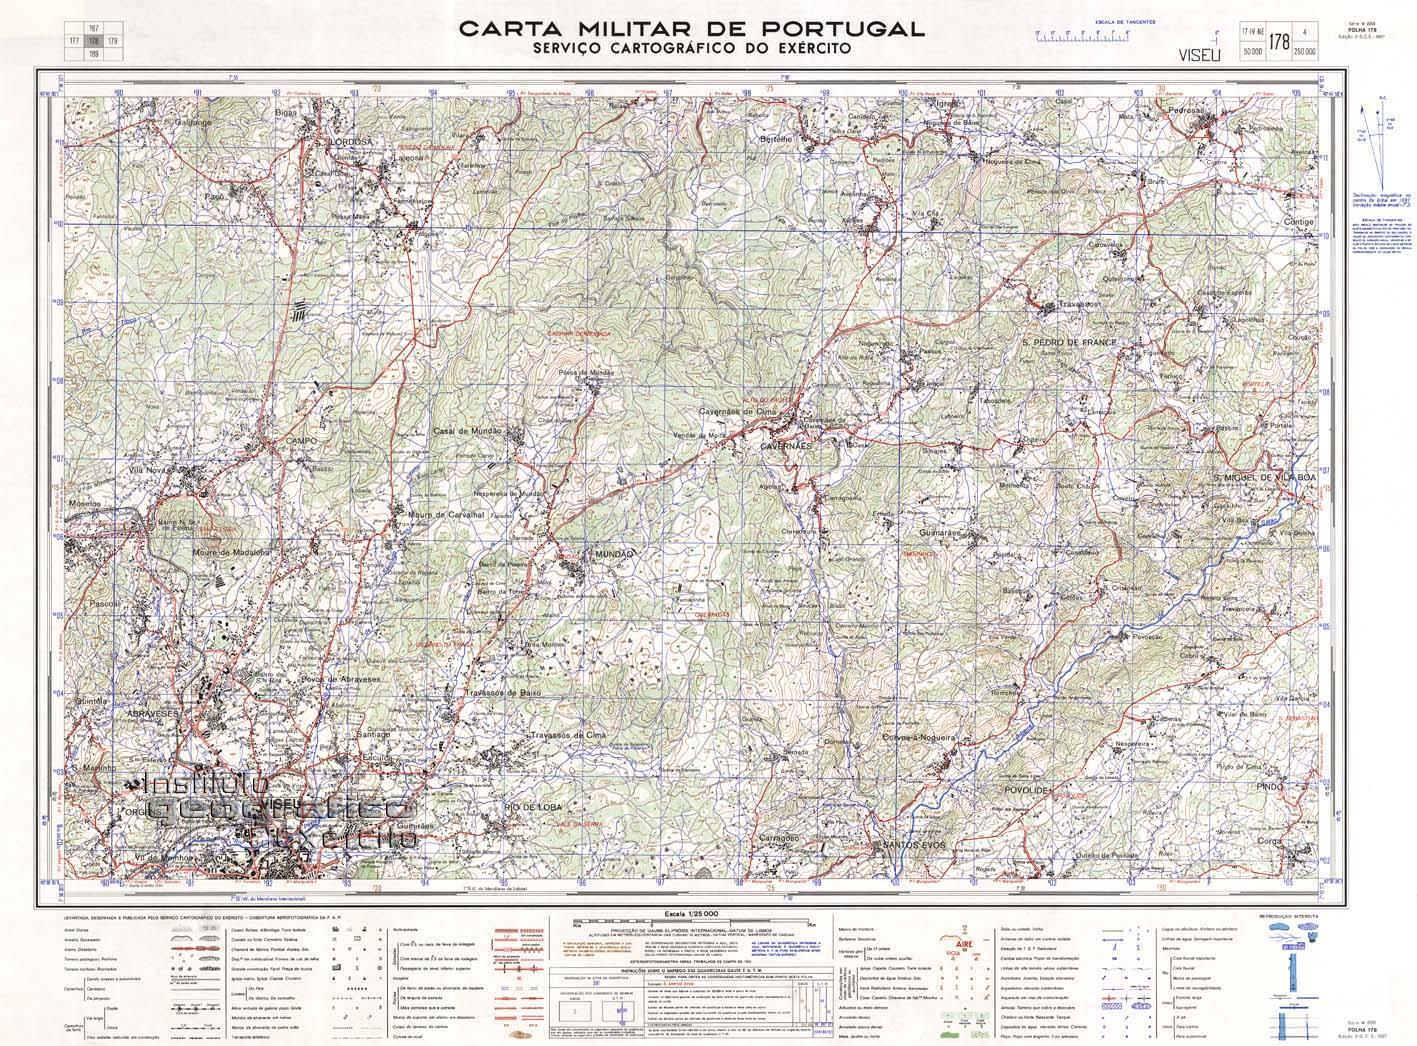 mapa militar de portugal DocbWeb®   Pesquisa mapa militar de portugal